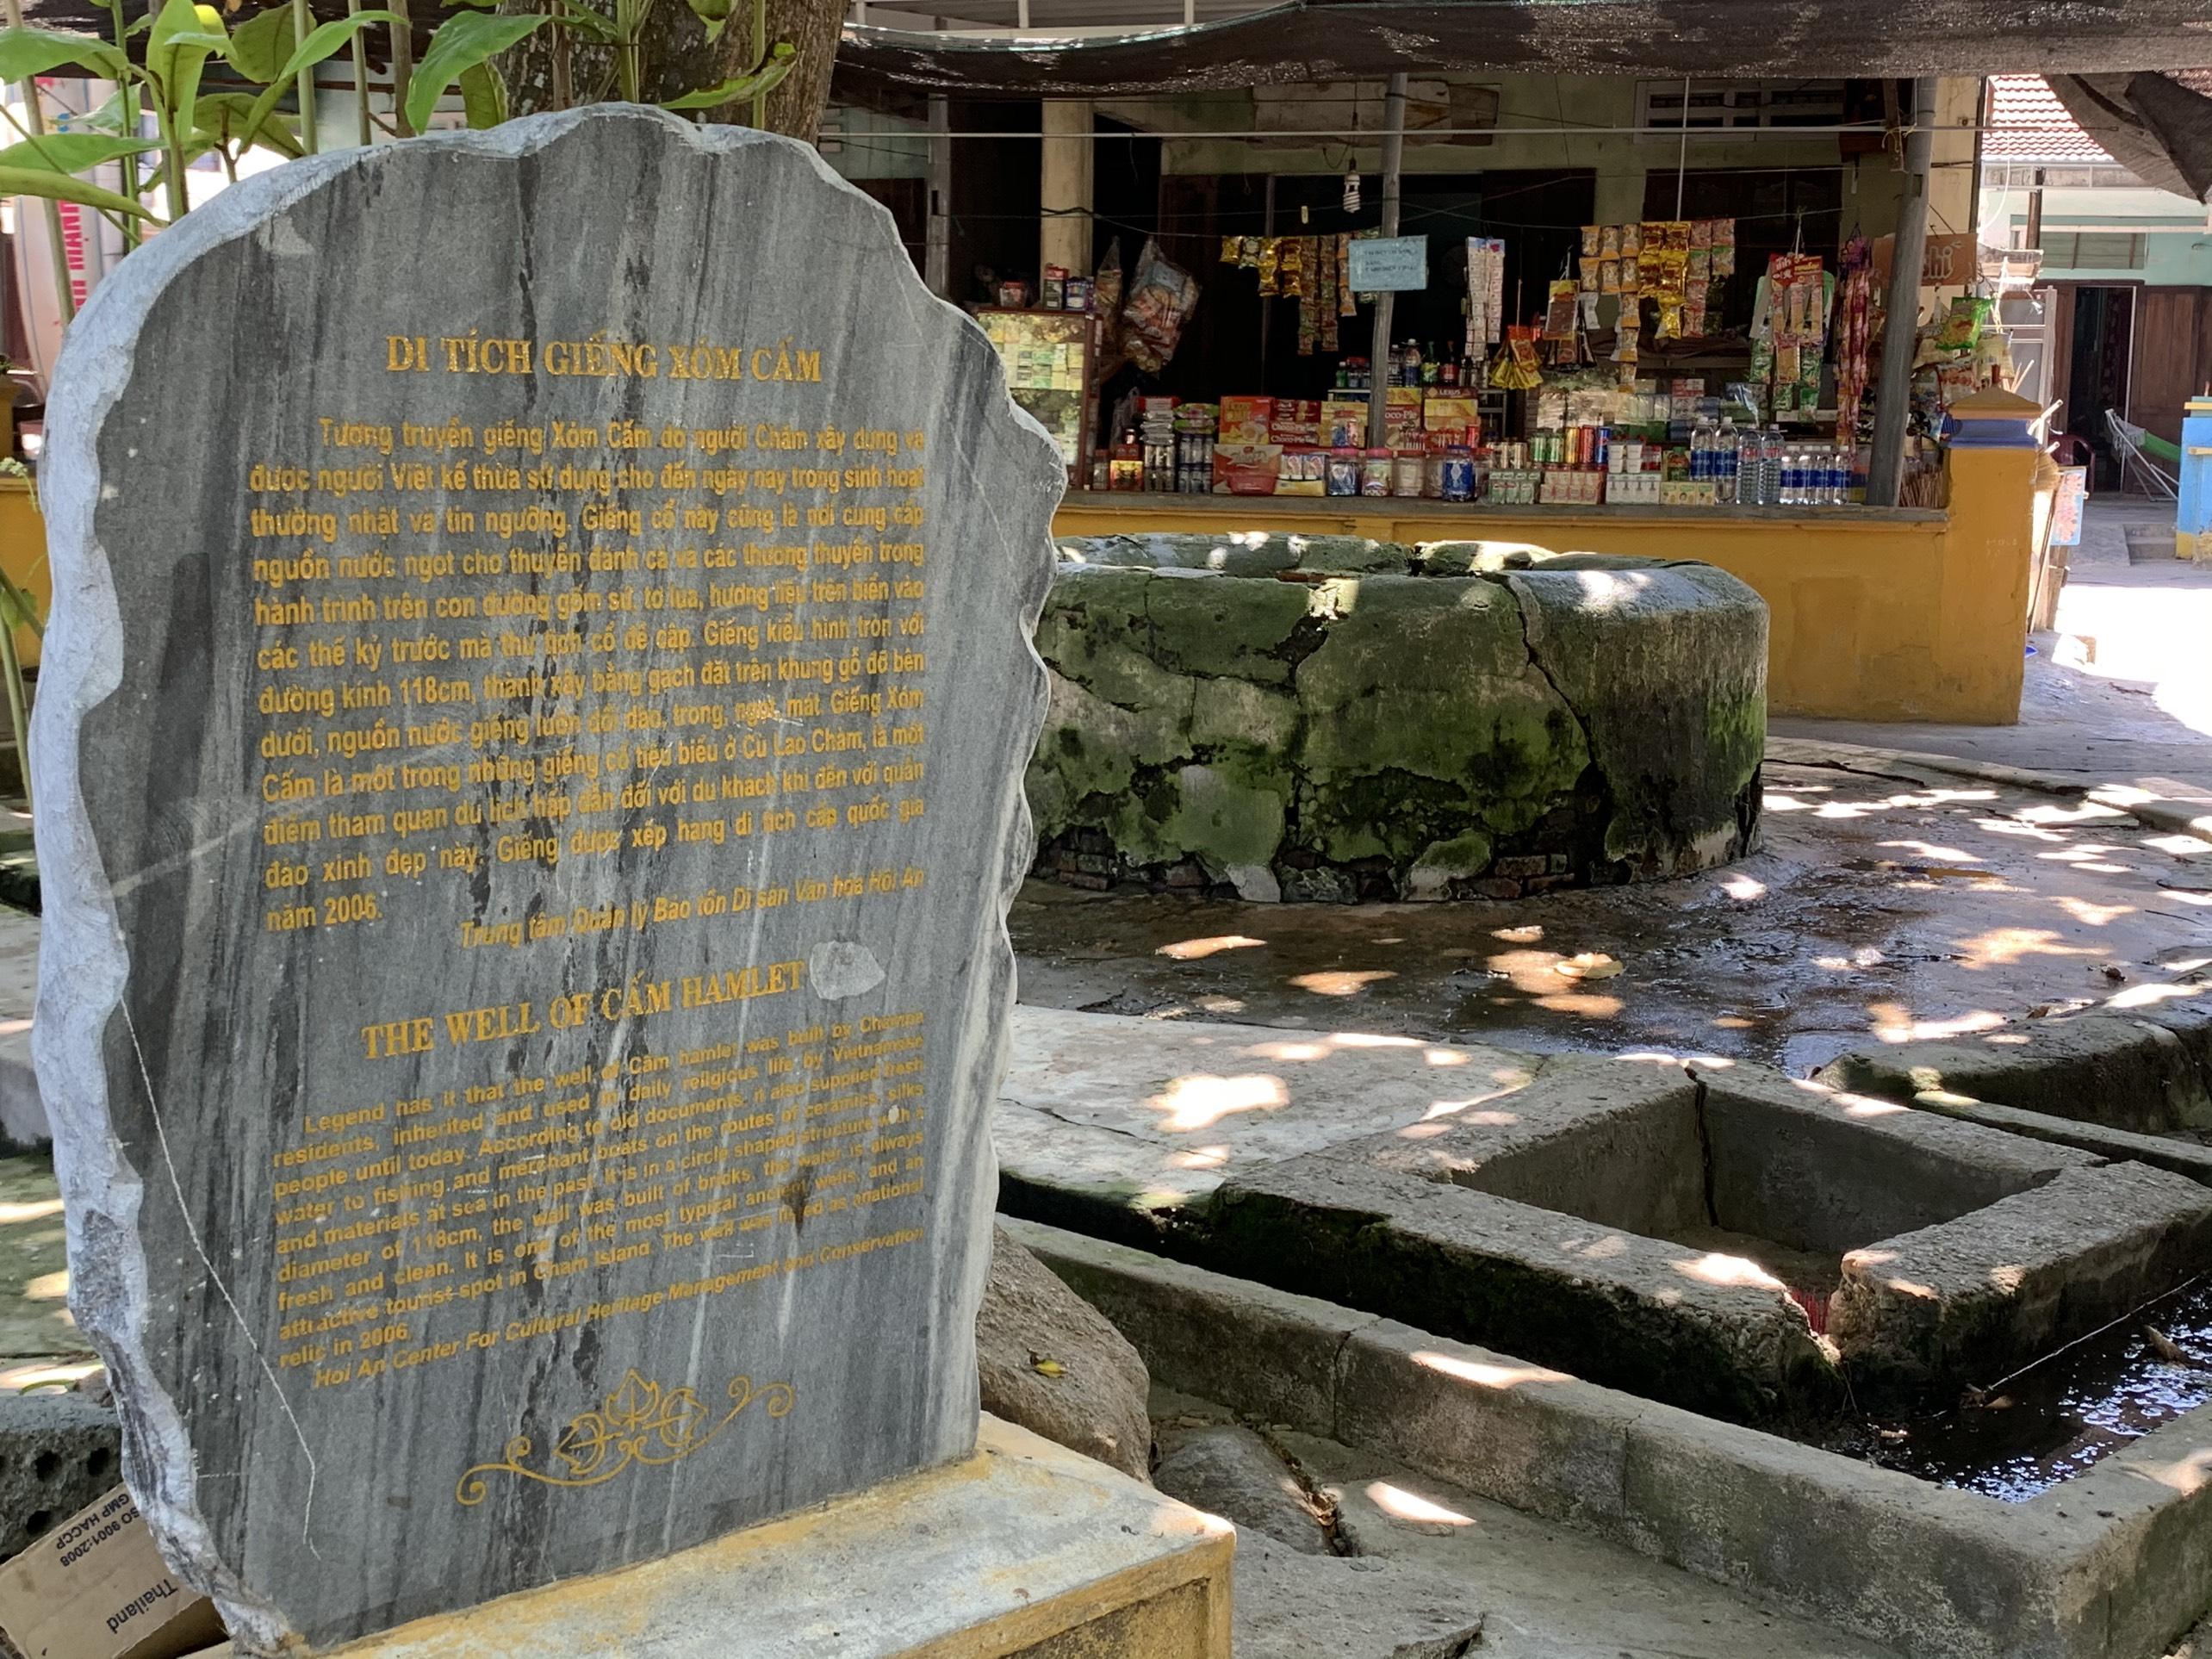 Di tích còn sót lại của người dân Champa đã từng sinh sống trên đảo